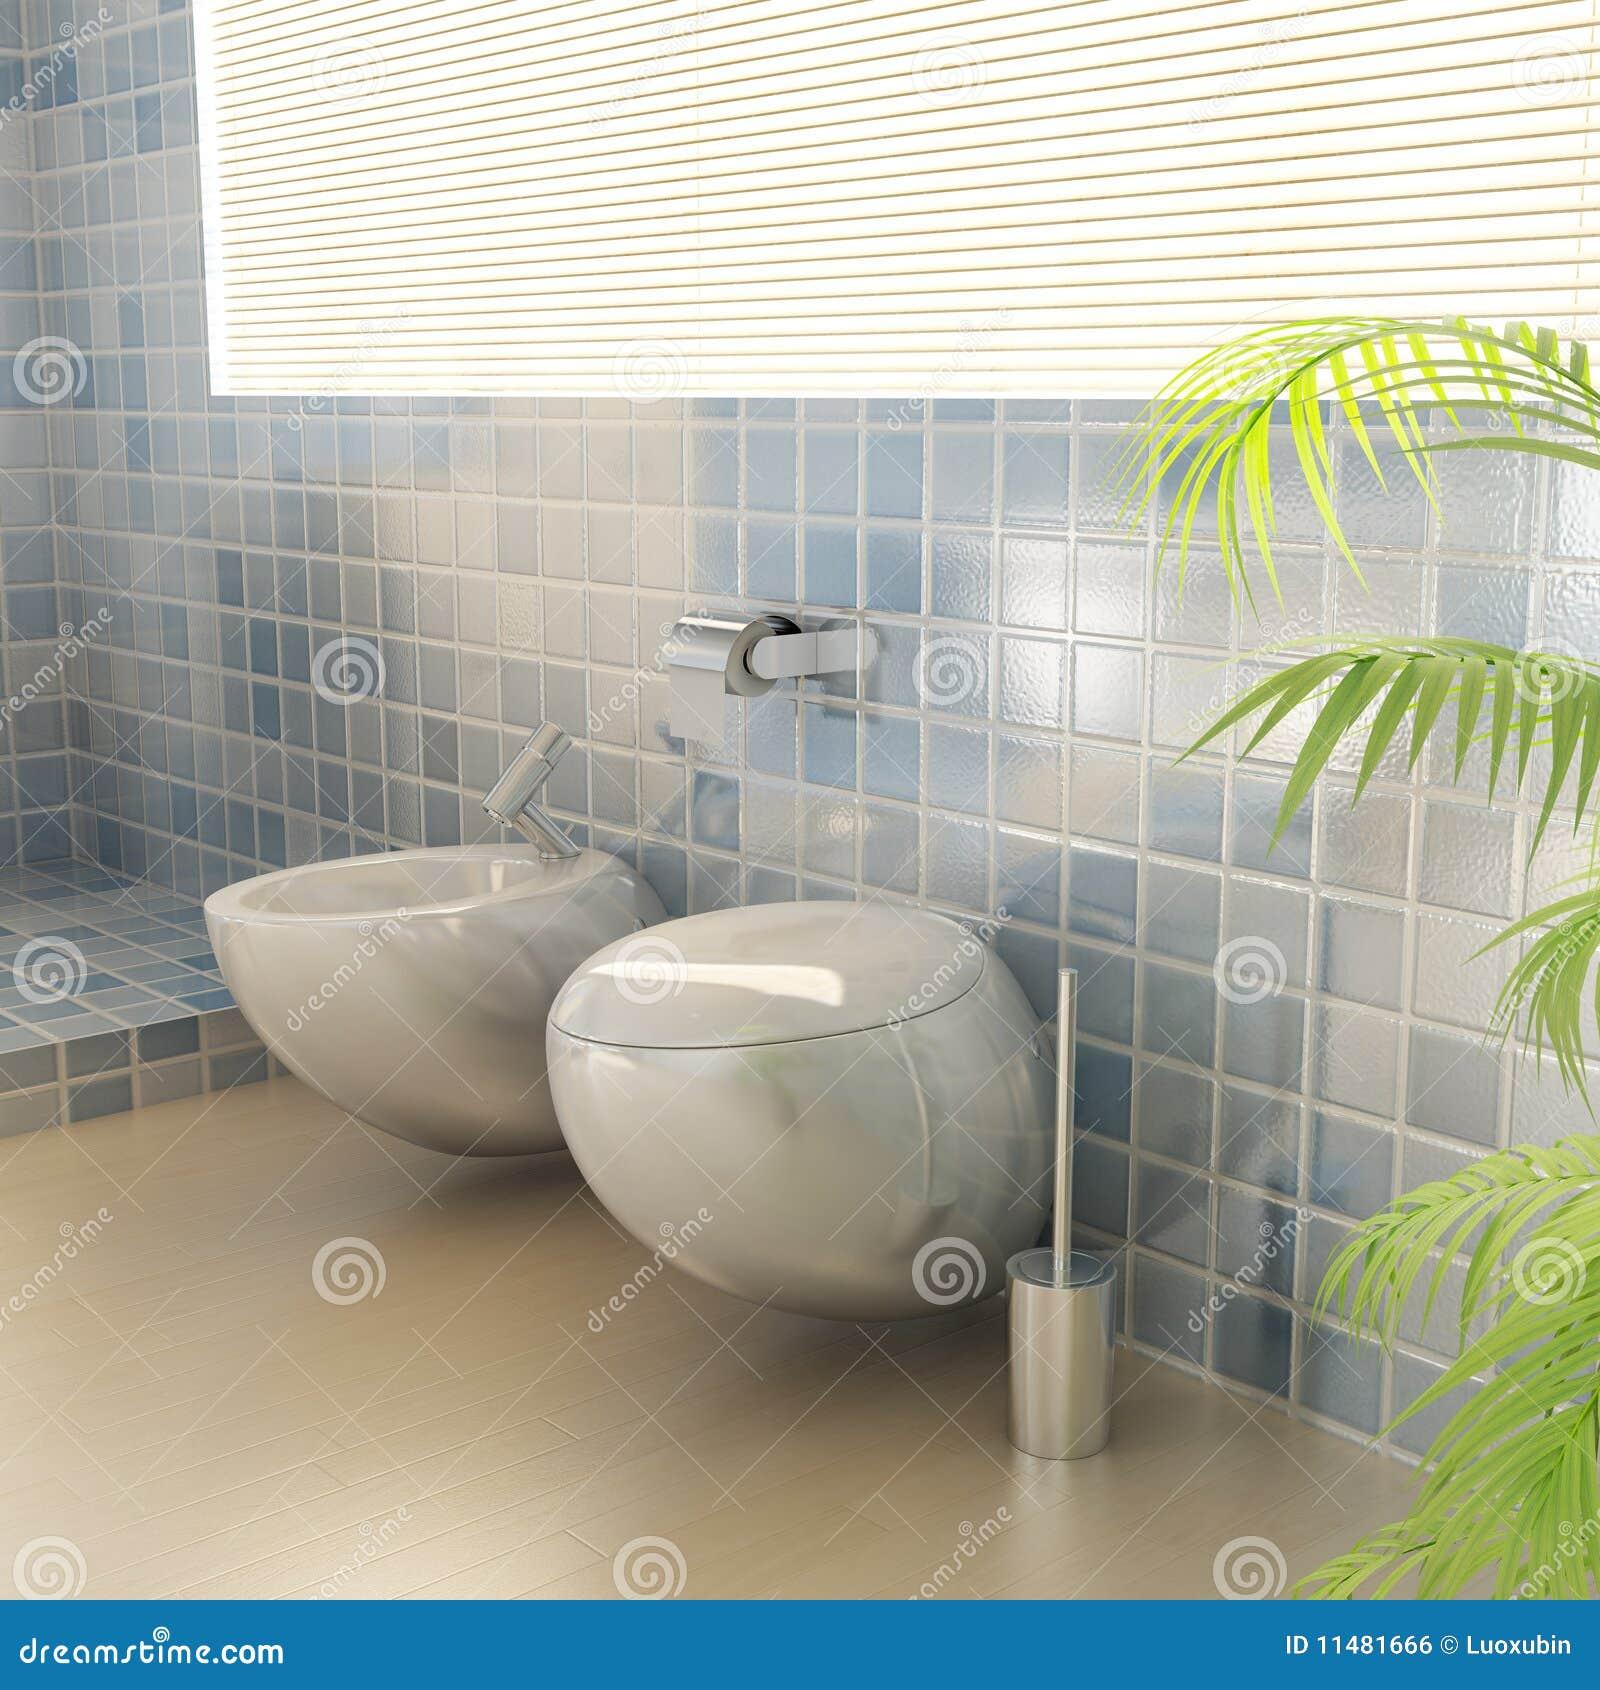 Closestool Em Um Banheiro Moderno Imagem de Stock Royalty Free  Imagem 1148 # Um Banheiro Moderno